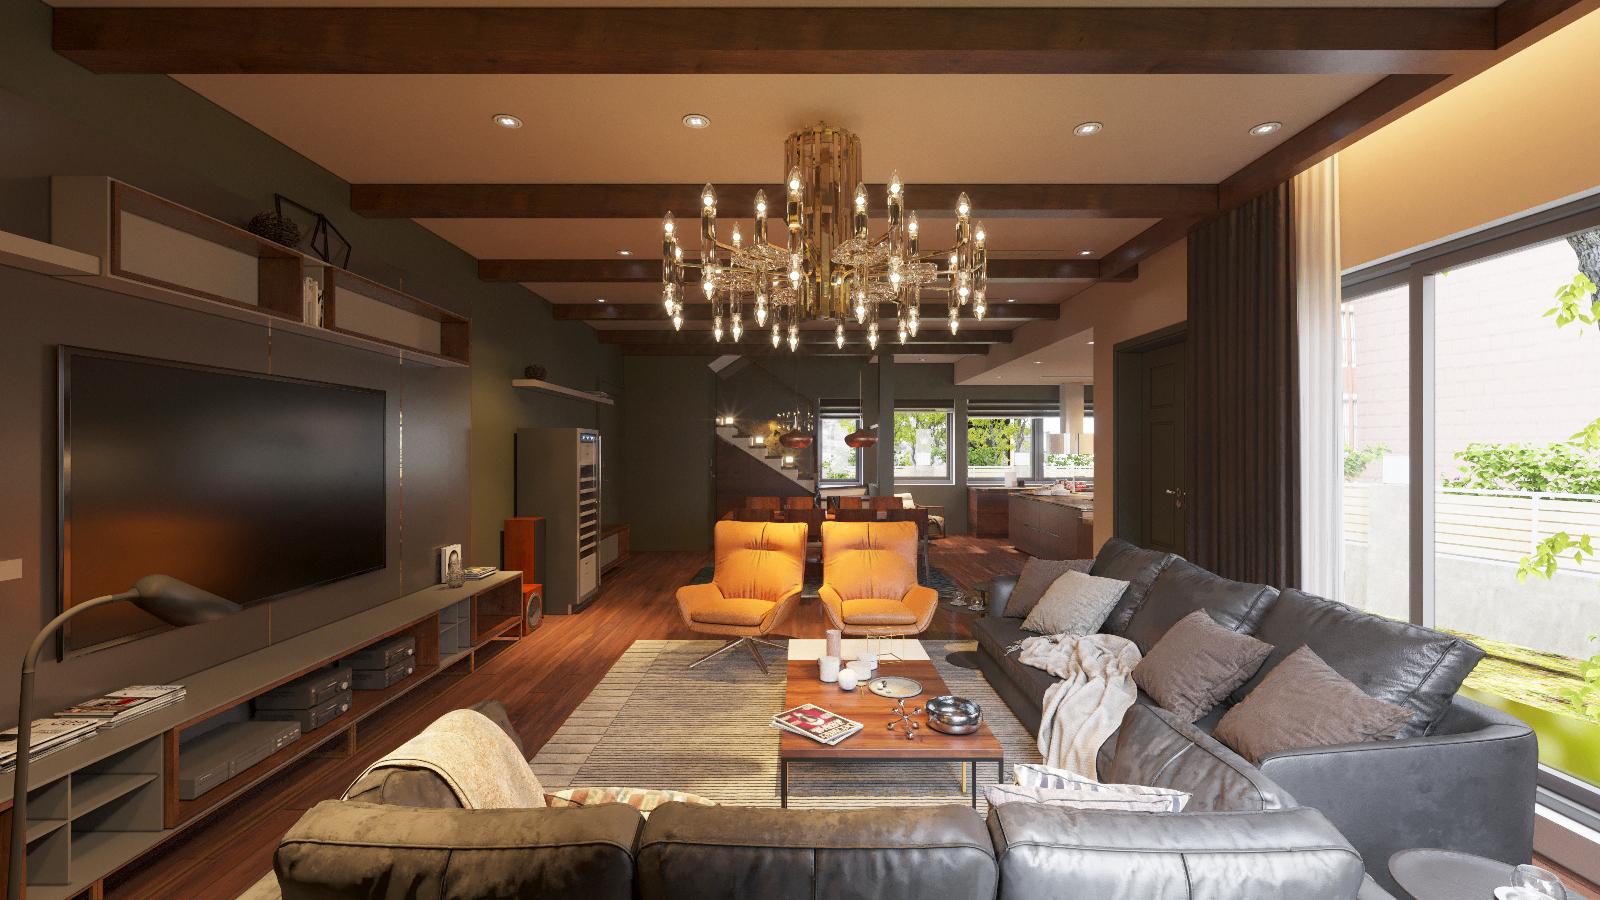 thiết kế Nội thất Biệt Thự 3 tầng biệt thự bt25 splendora mới (lakeside splendora)51